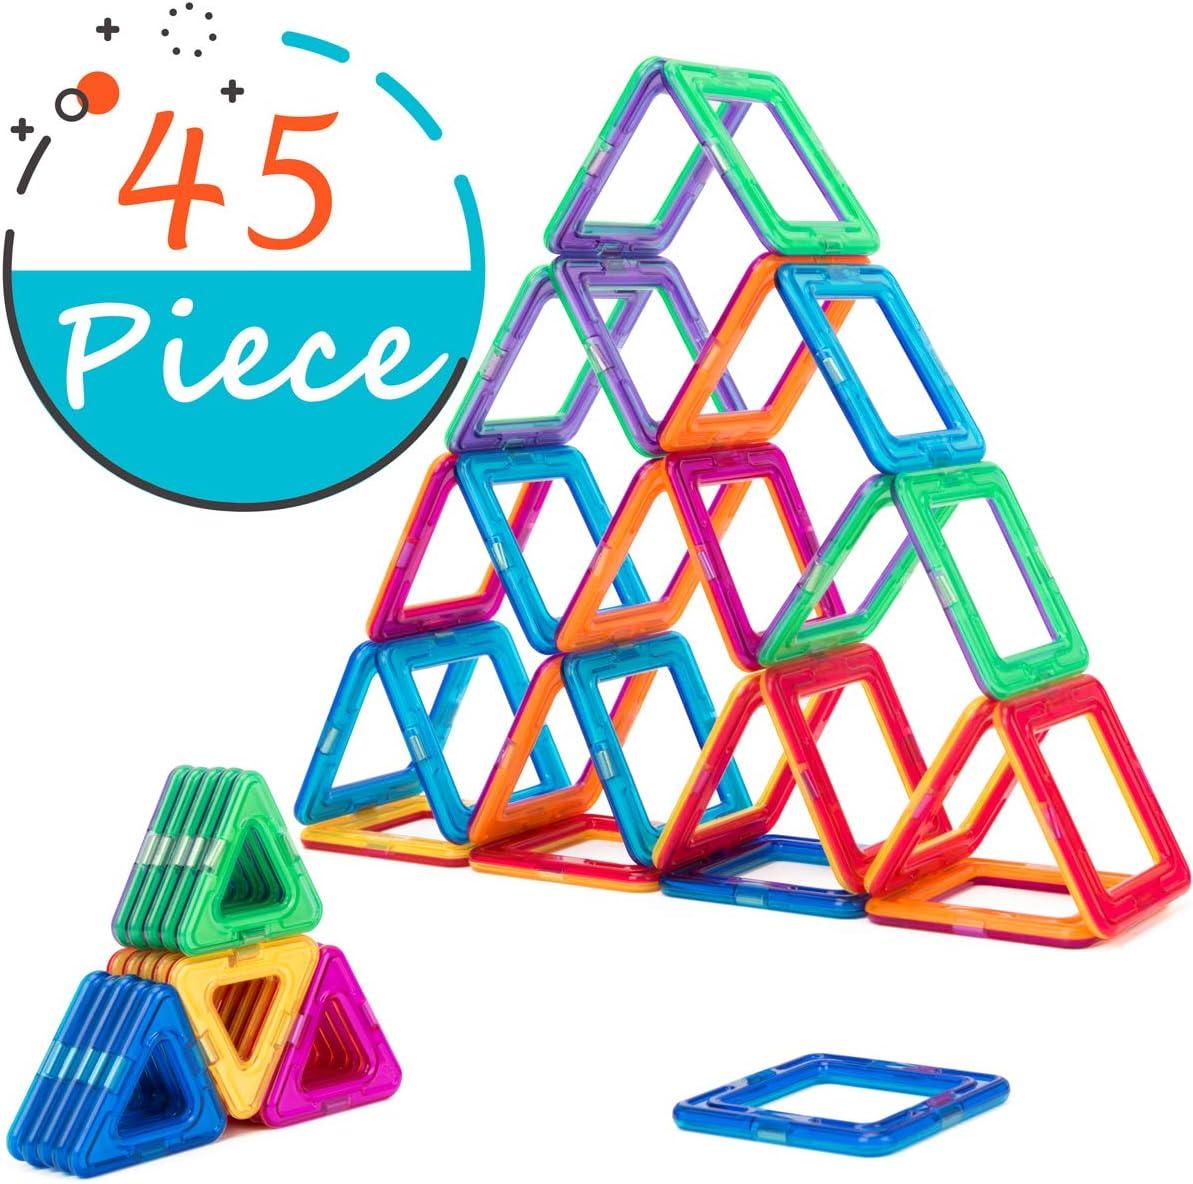 Cossy Magnet Tiles Building Block 45 Pcs, Magnetic Stick und Stack Satz für Girls und Boys, Perfect Stem Educational Toys für Kids Children, Multicoloured